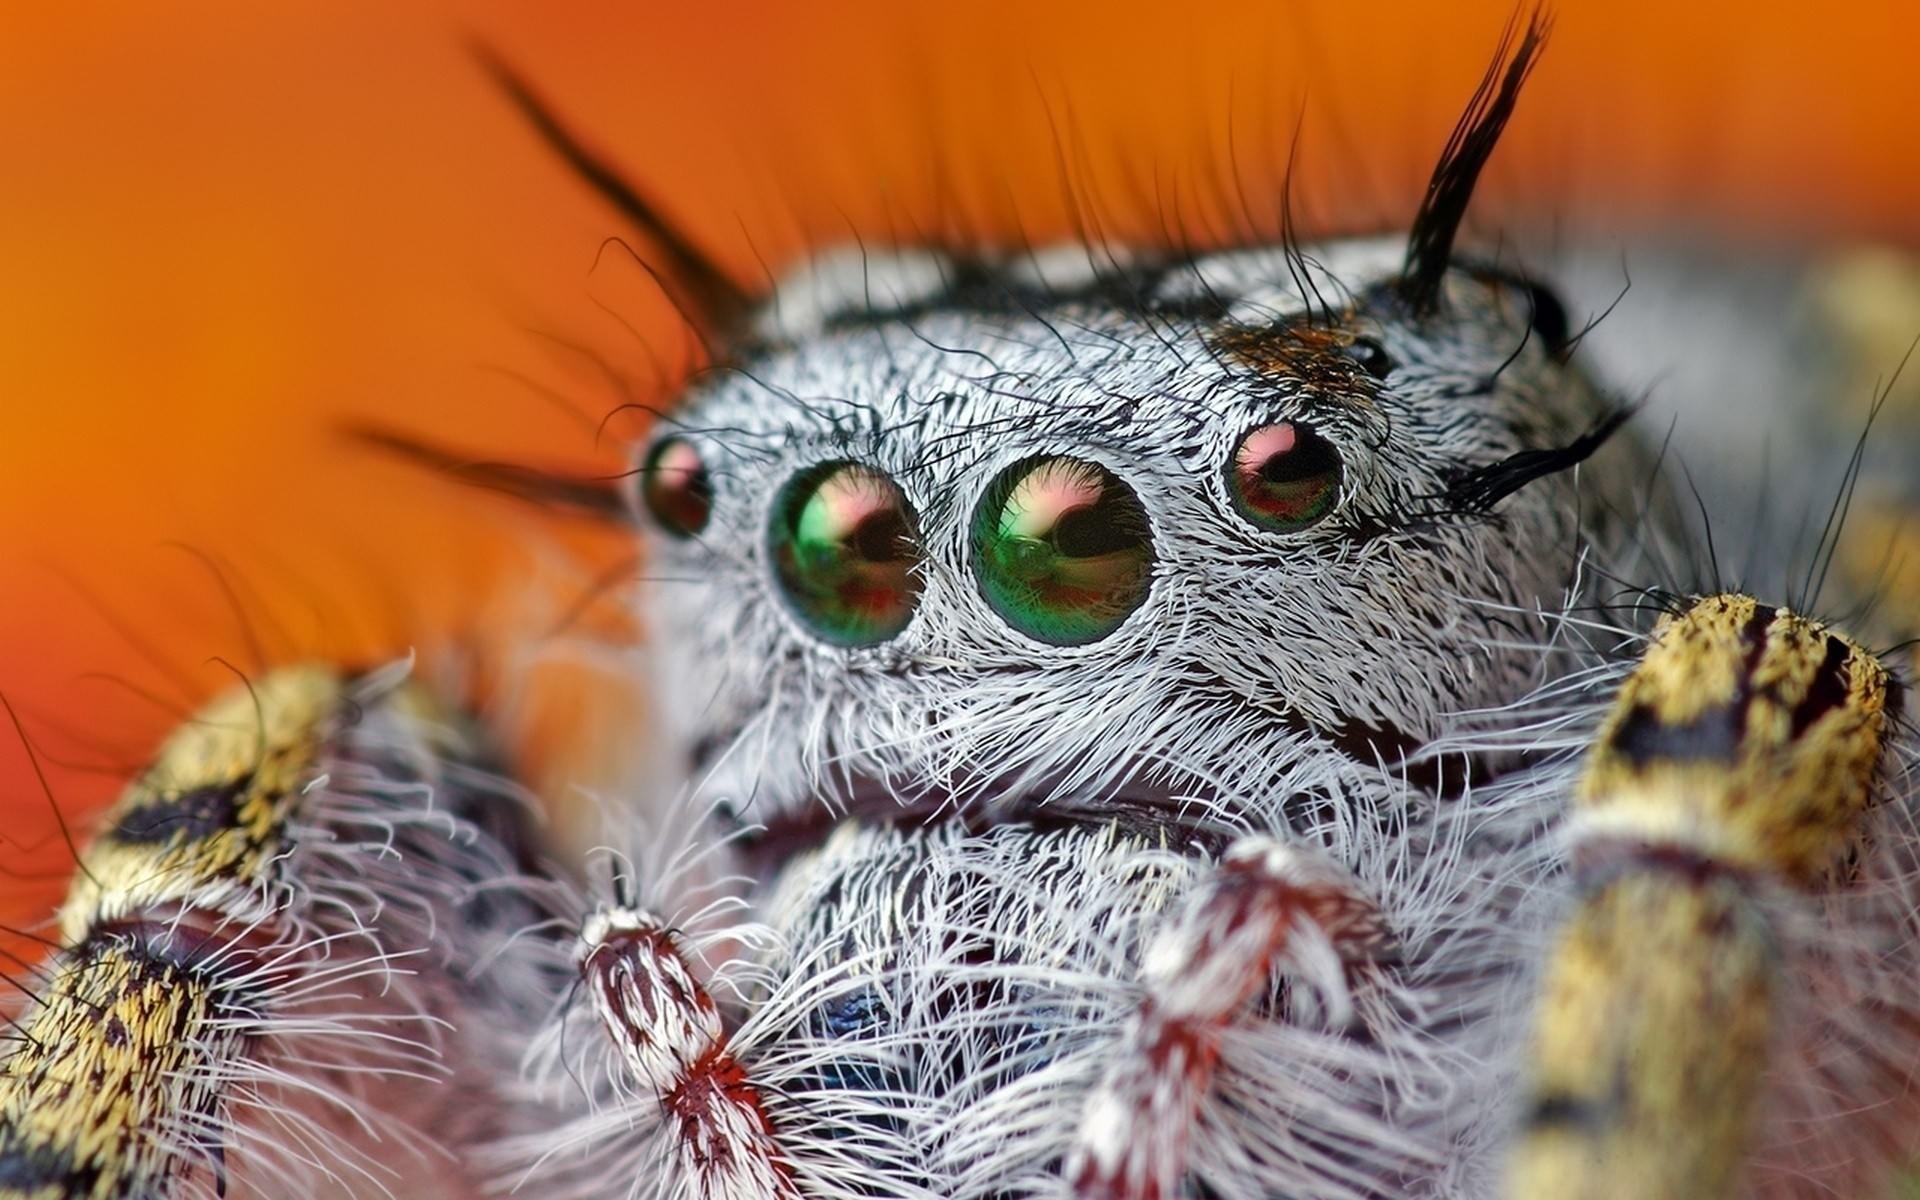 паук, волосы, глаза